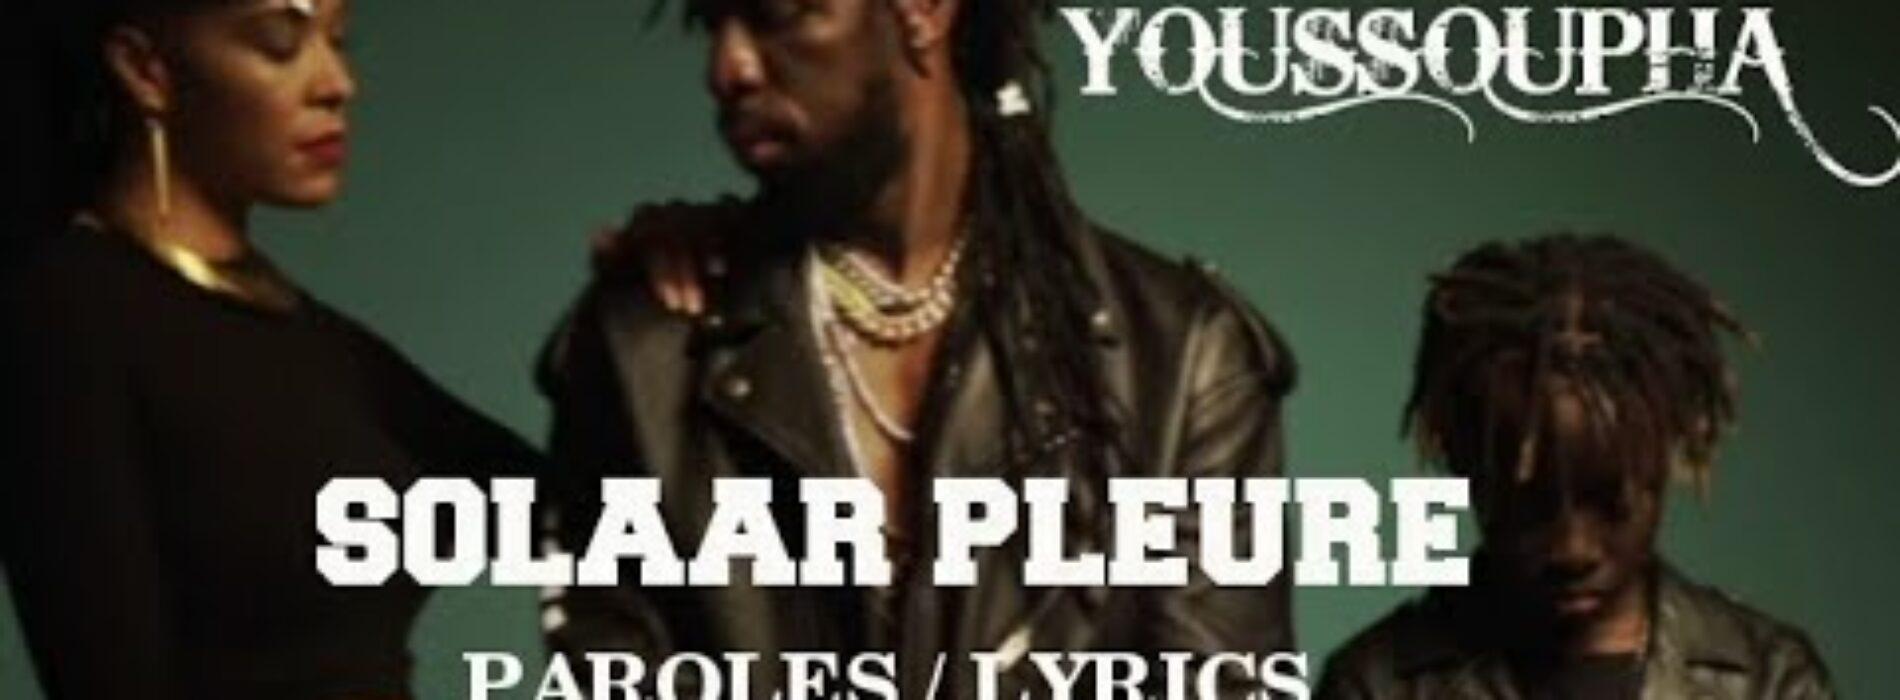 Youssoupha – SOLAAR PLEURE (Clip officiel) – Février 2021